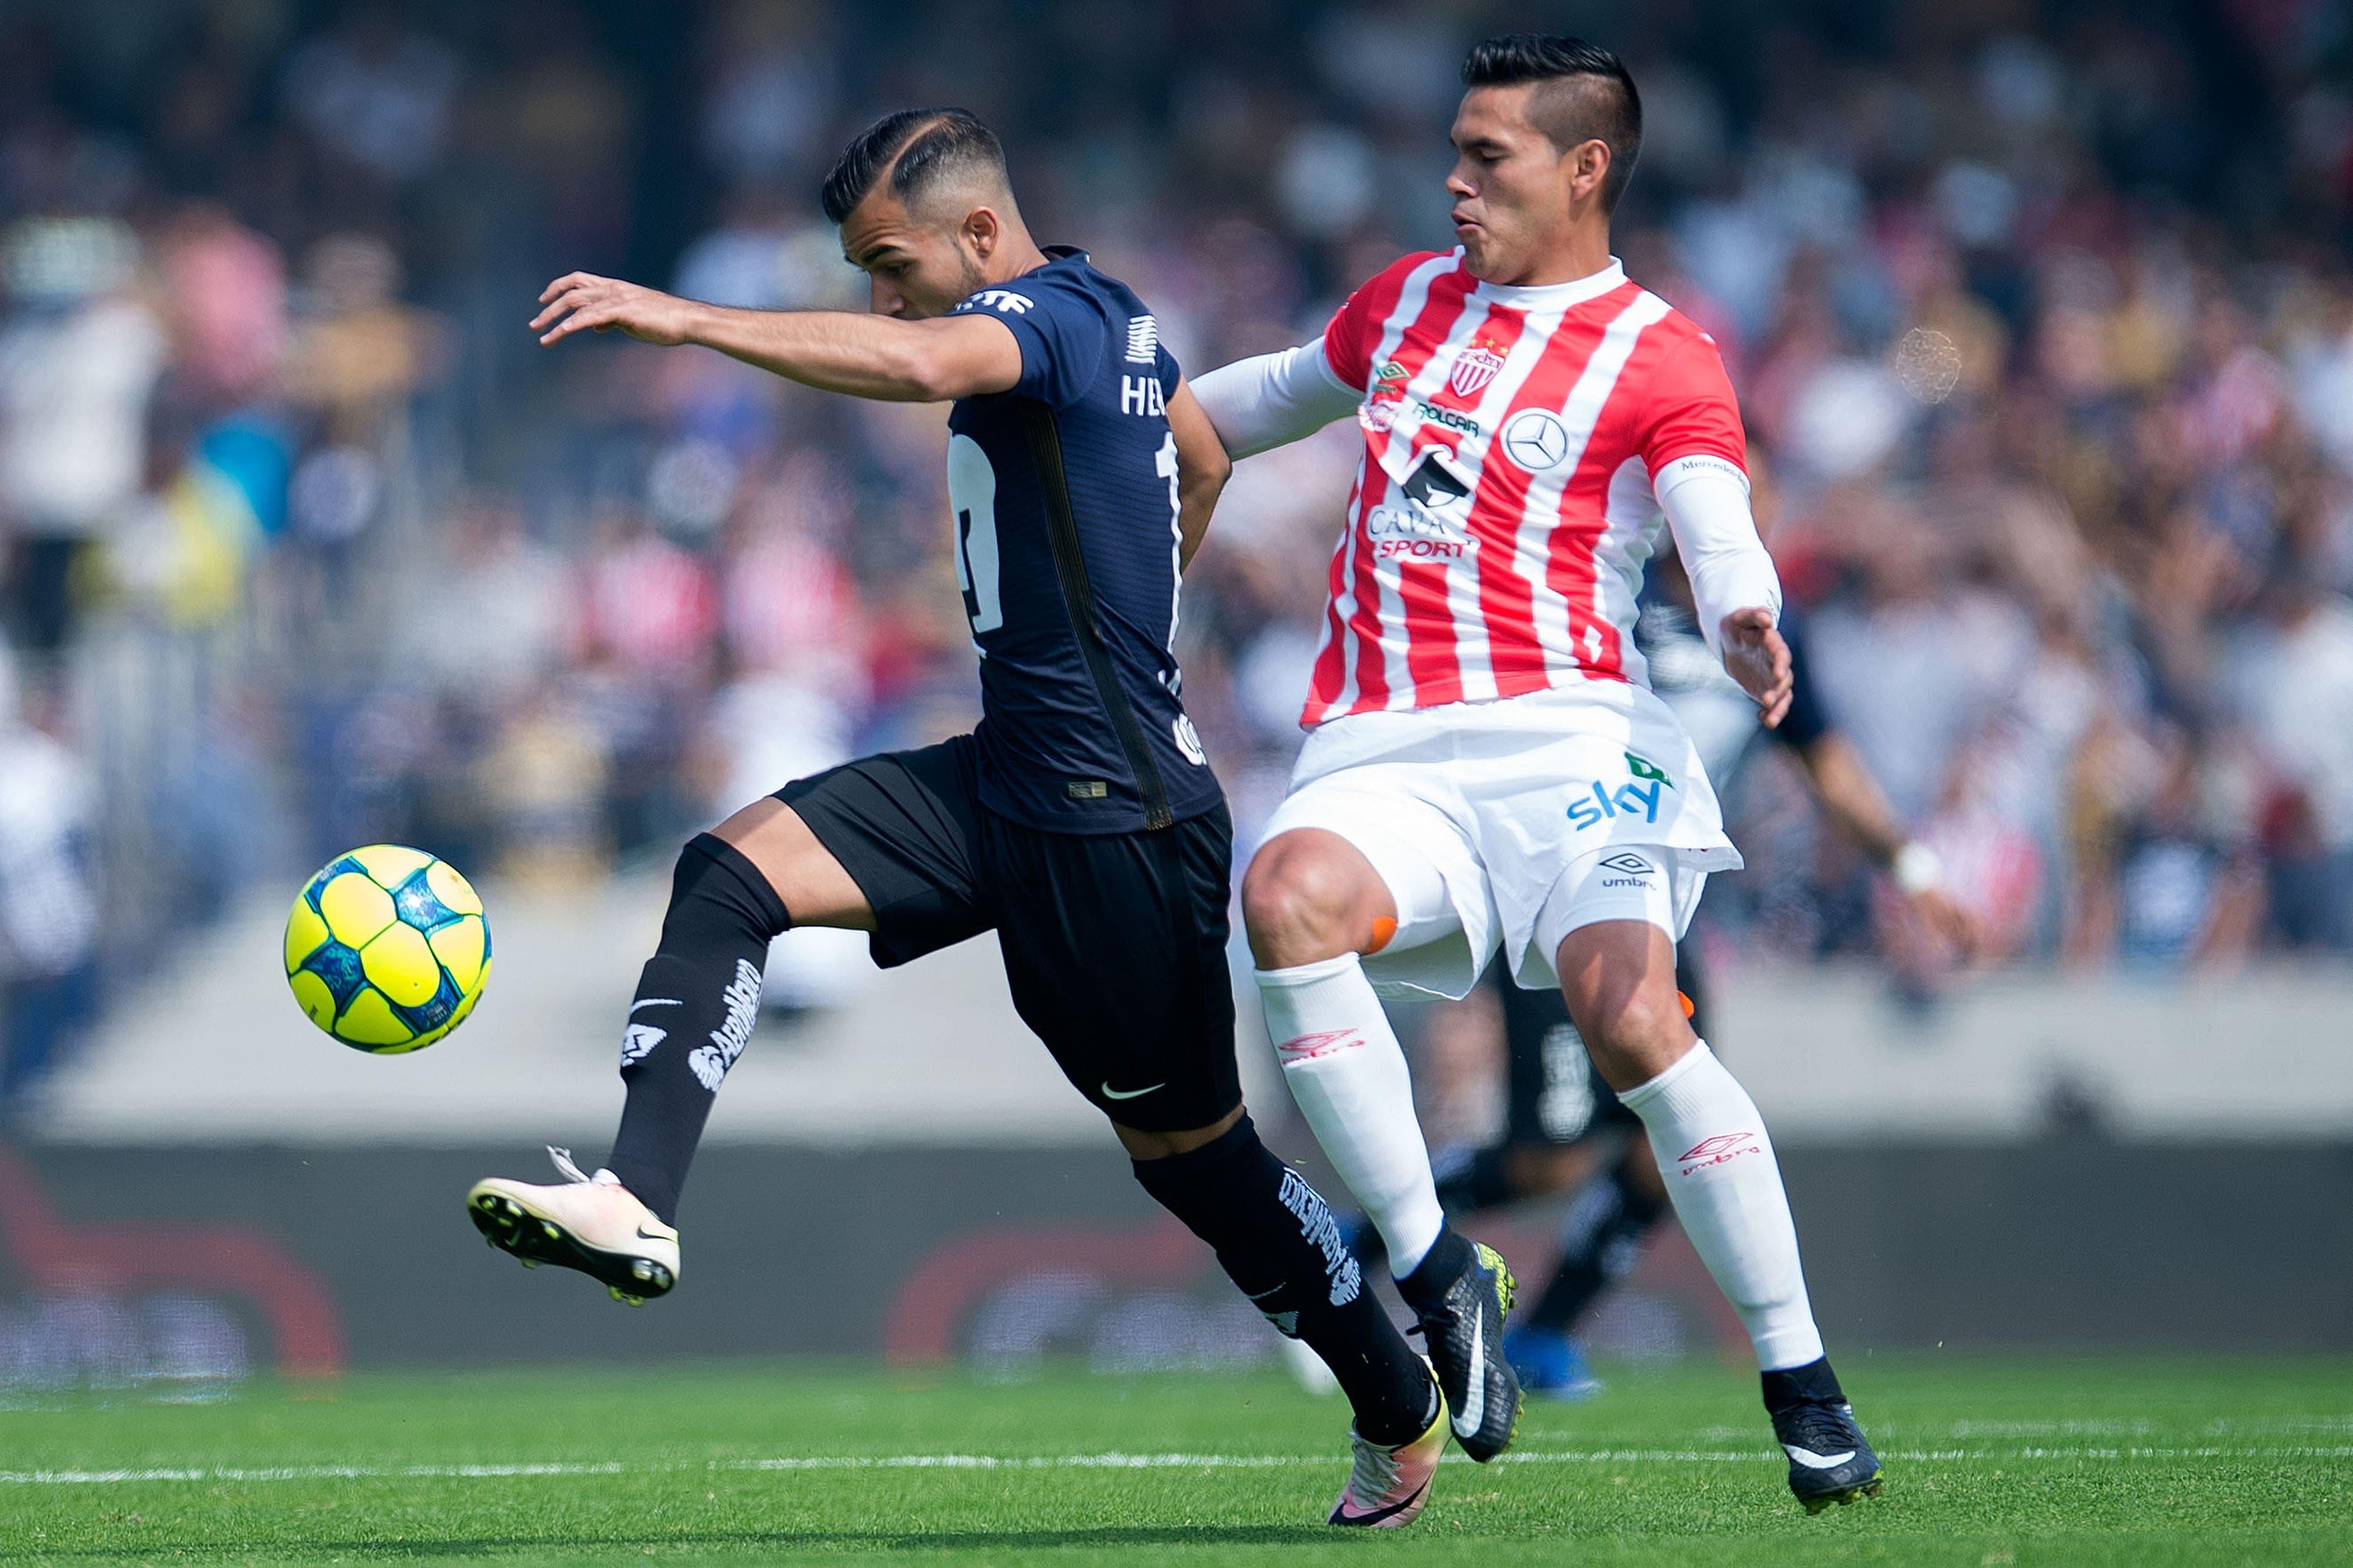 Liga MX: Ver en vivo Necaxa vs Pumas en la Jornada 2 del Clausura 2019